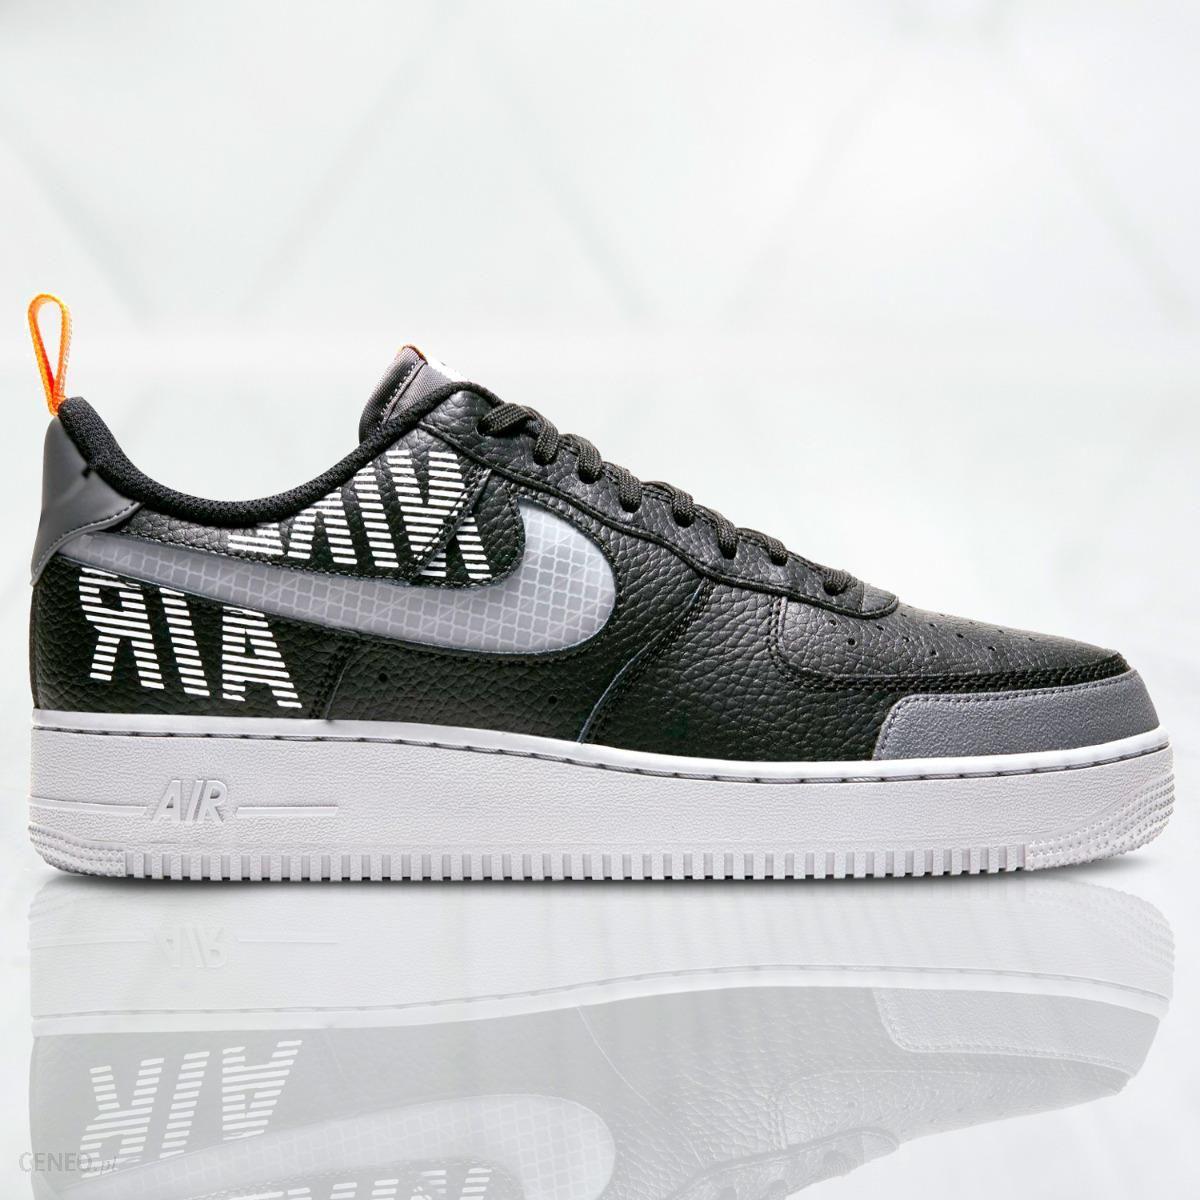 Buty Nike Air Force 1 '07 LV8 2 M BQ4421 002 czarne